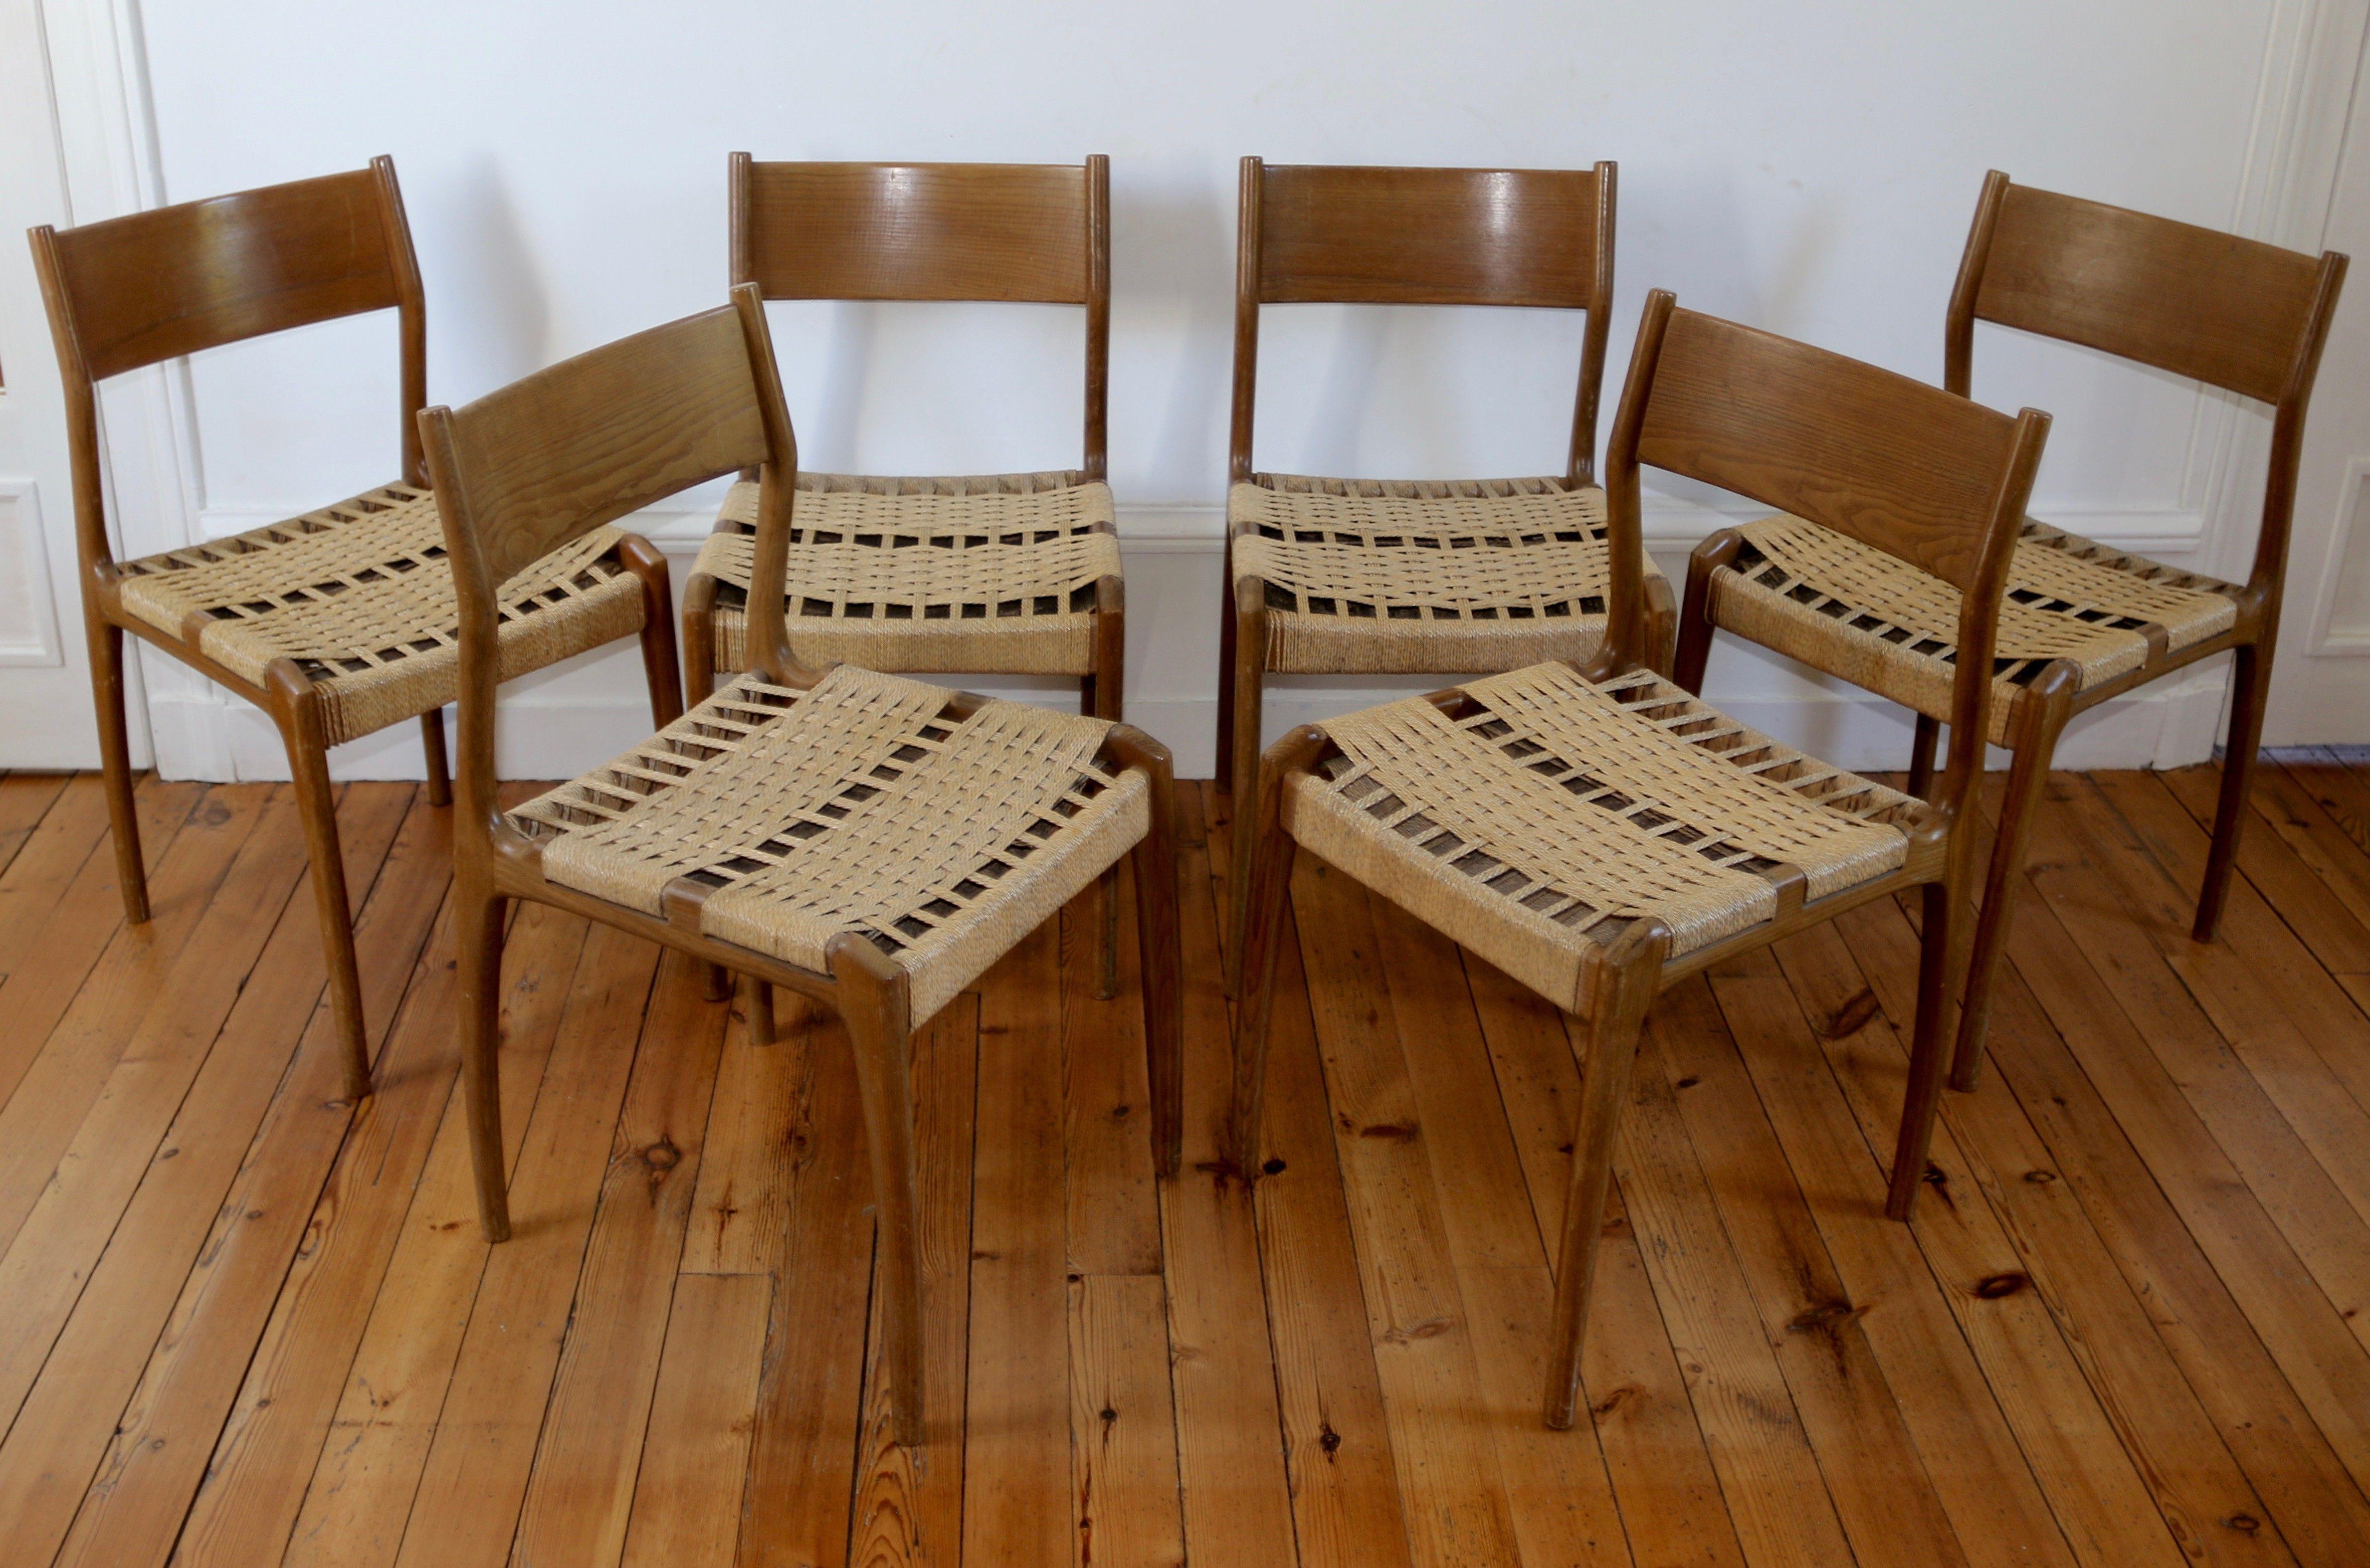 6 Chaises Scandinaves Vintage 60 S Consorzio Sedia Friuli Chaise Scandinave Cuisine Salle A Manger Design